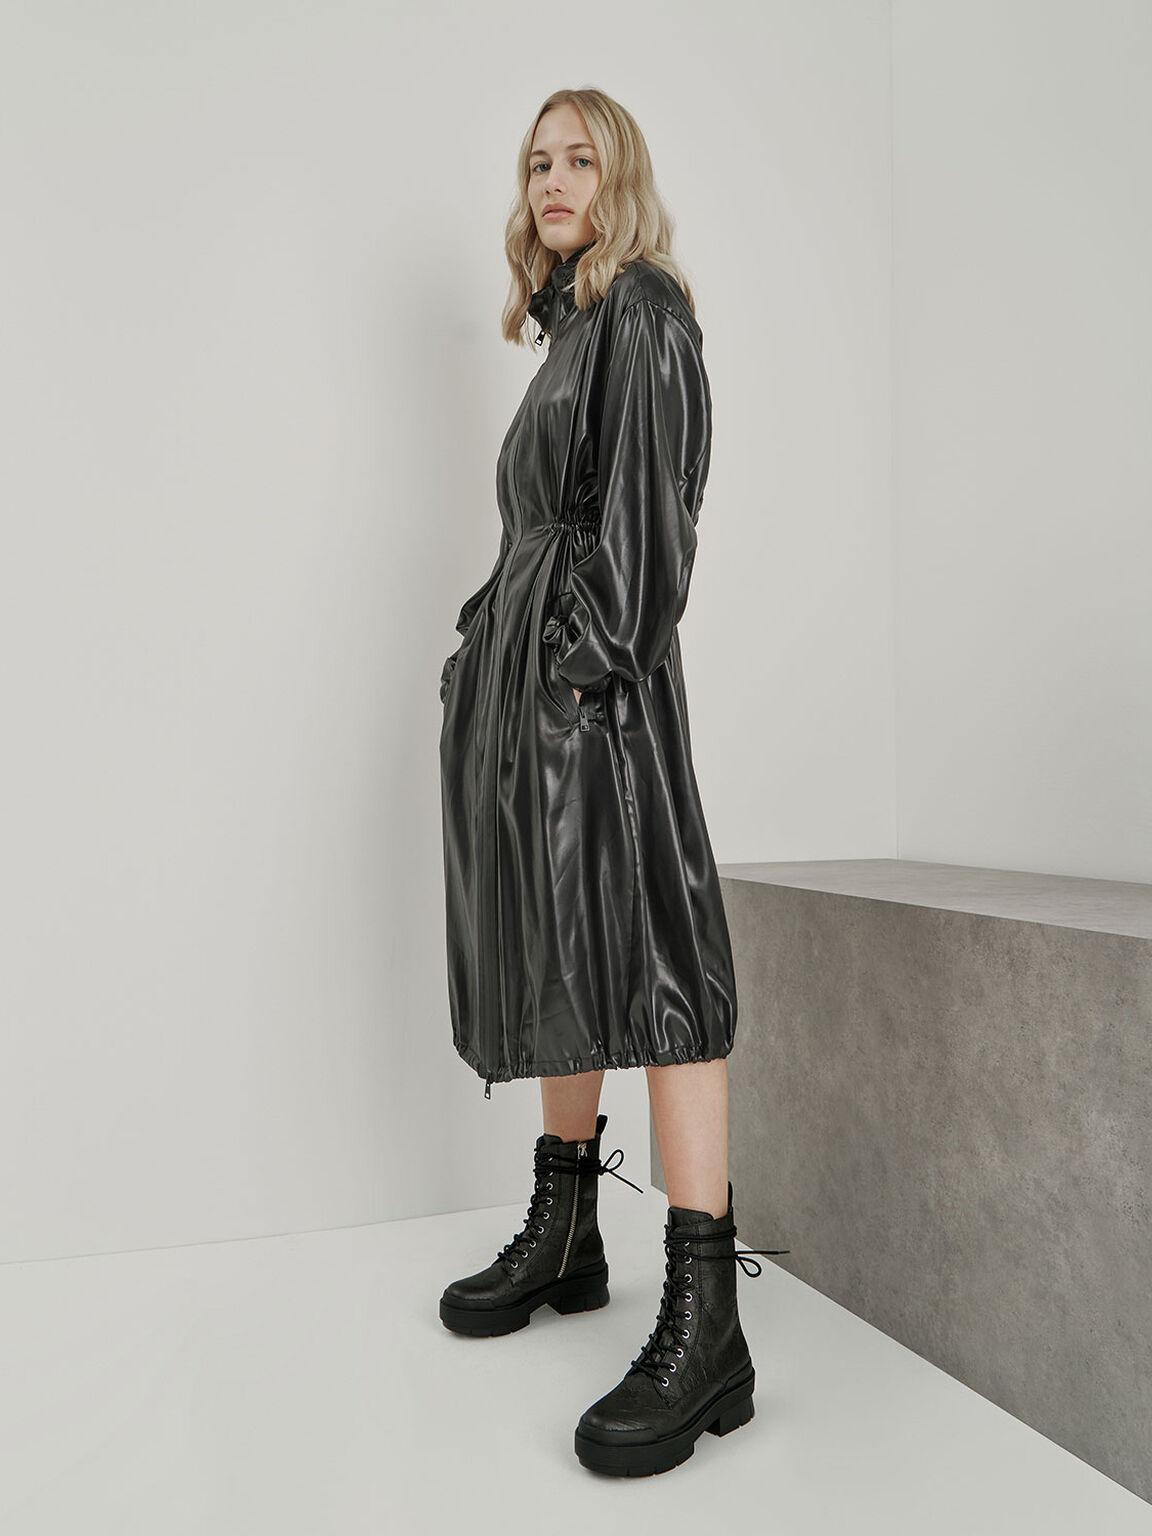 Lace Up Combat Boots, Black, hi-res